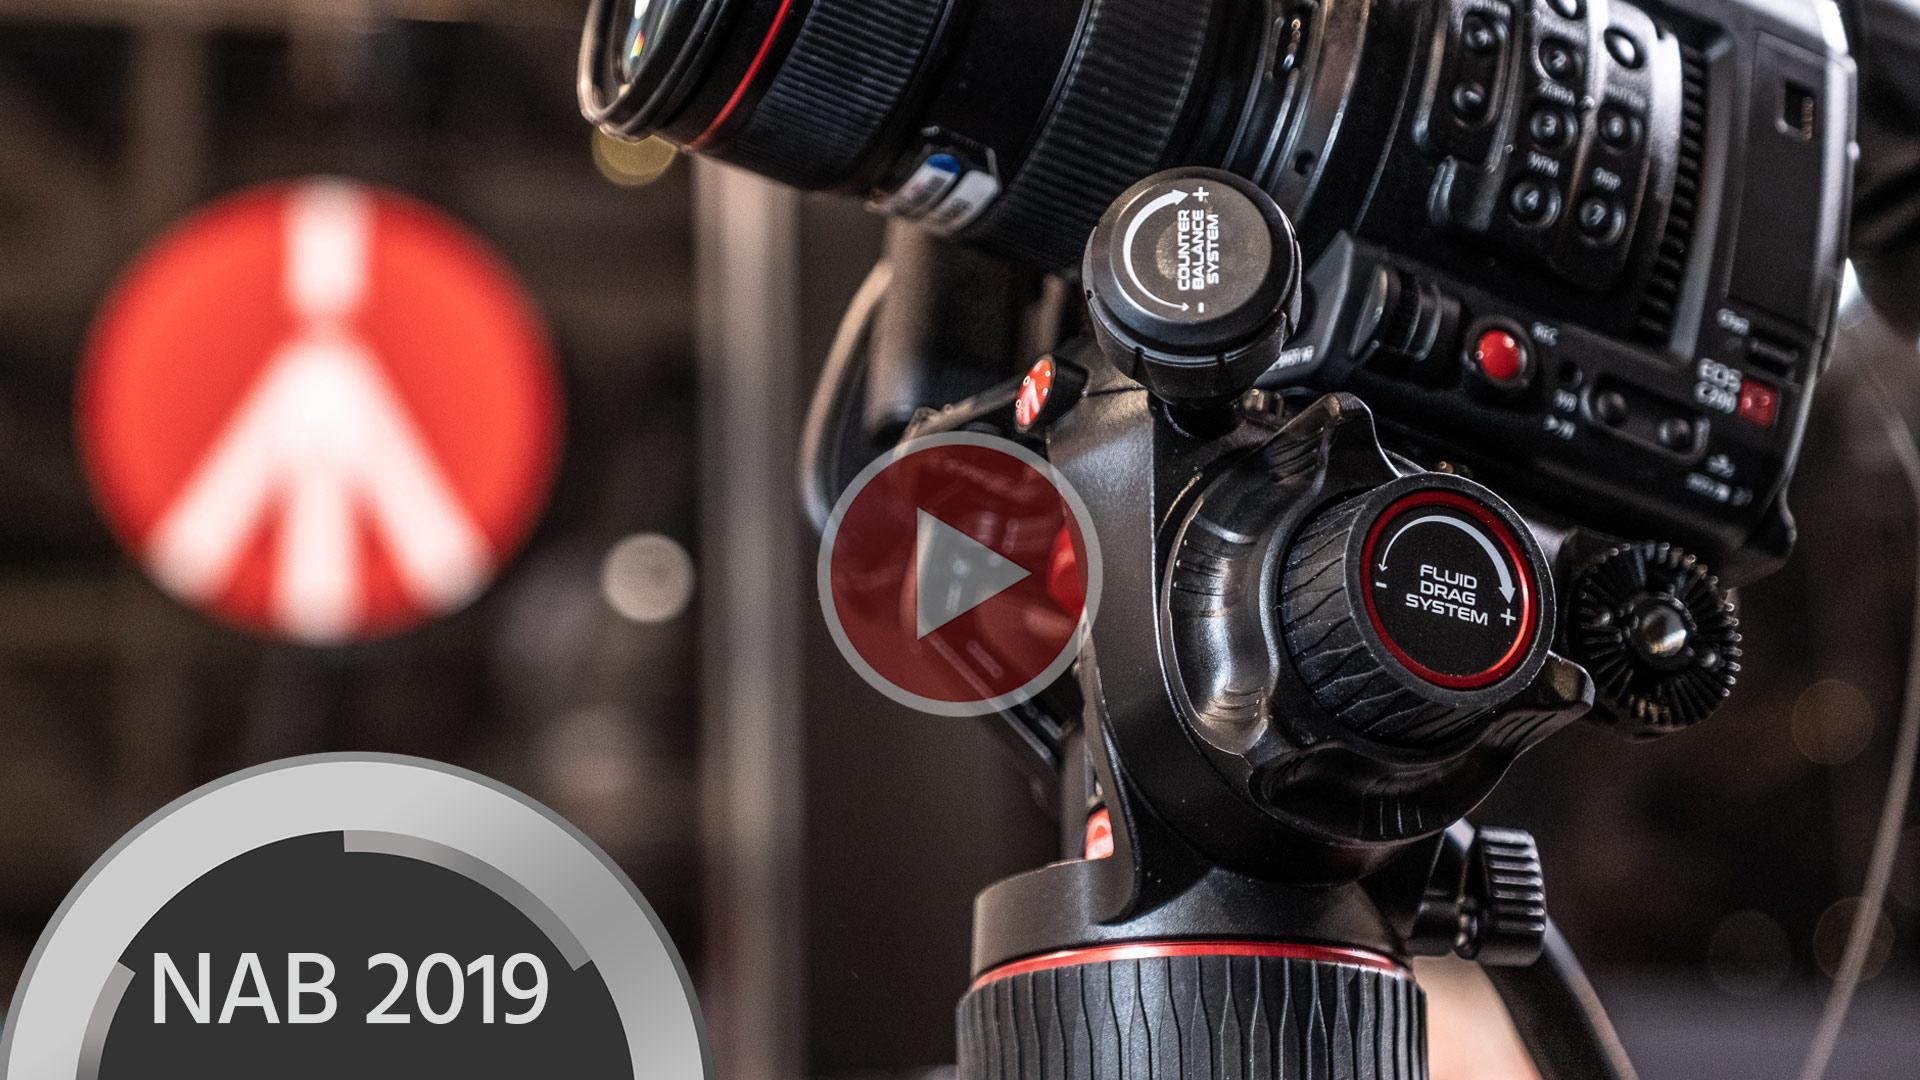 Manfrotto lanza nuevos cabezales fluidos de video - Nitrotech 608 y 612